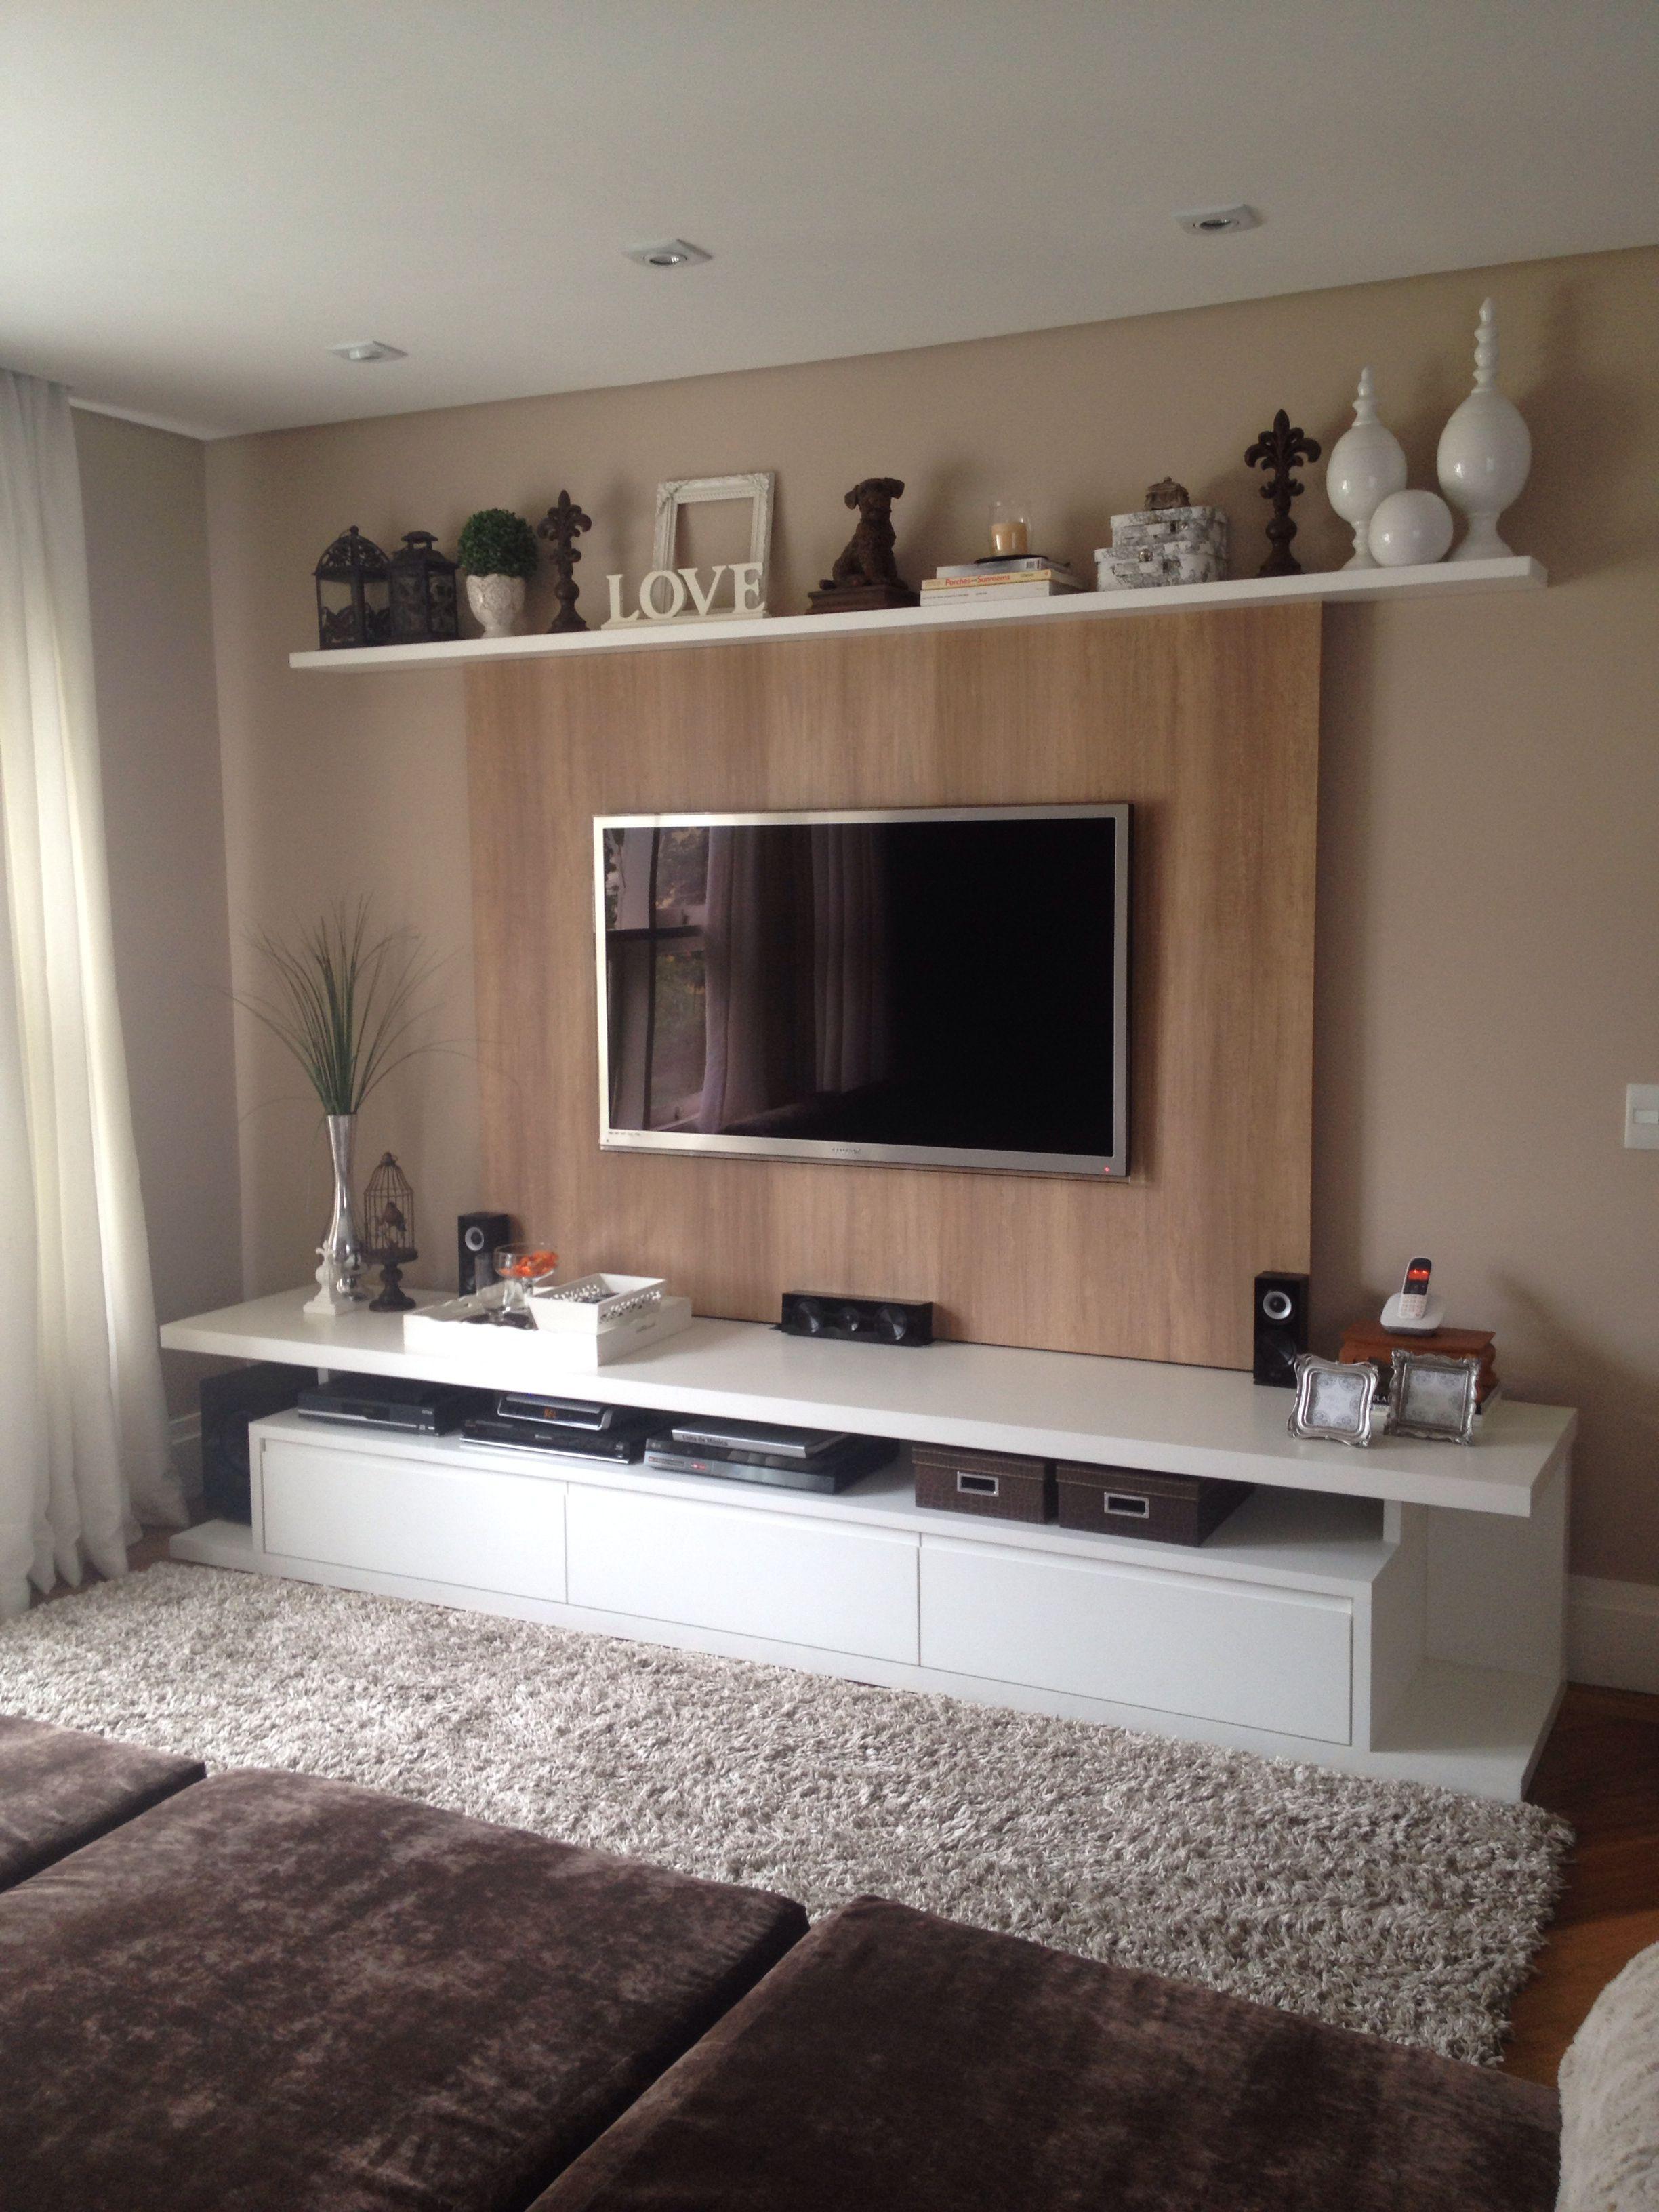 Interior design-ideen wohnzimmer mit tv pin von ivan palermo auf art  pinterest  wohnzimmer haus und